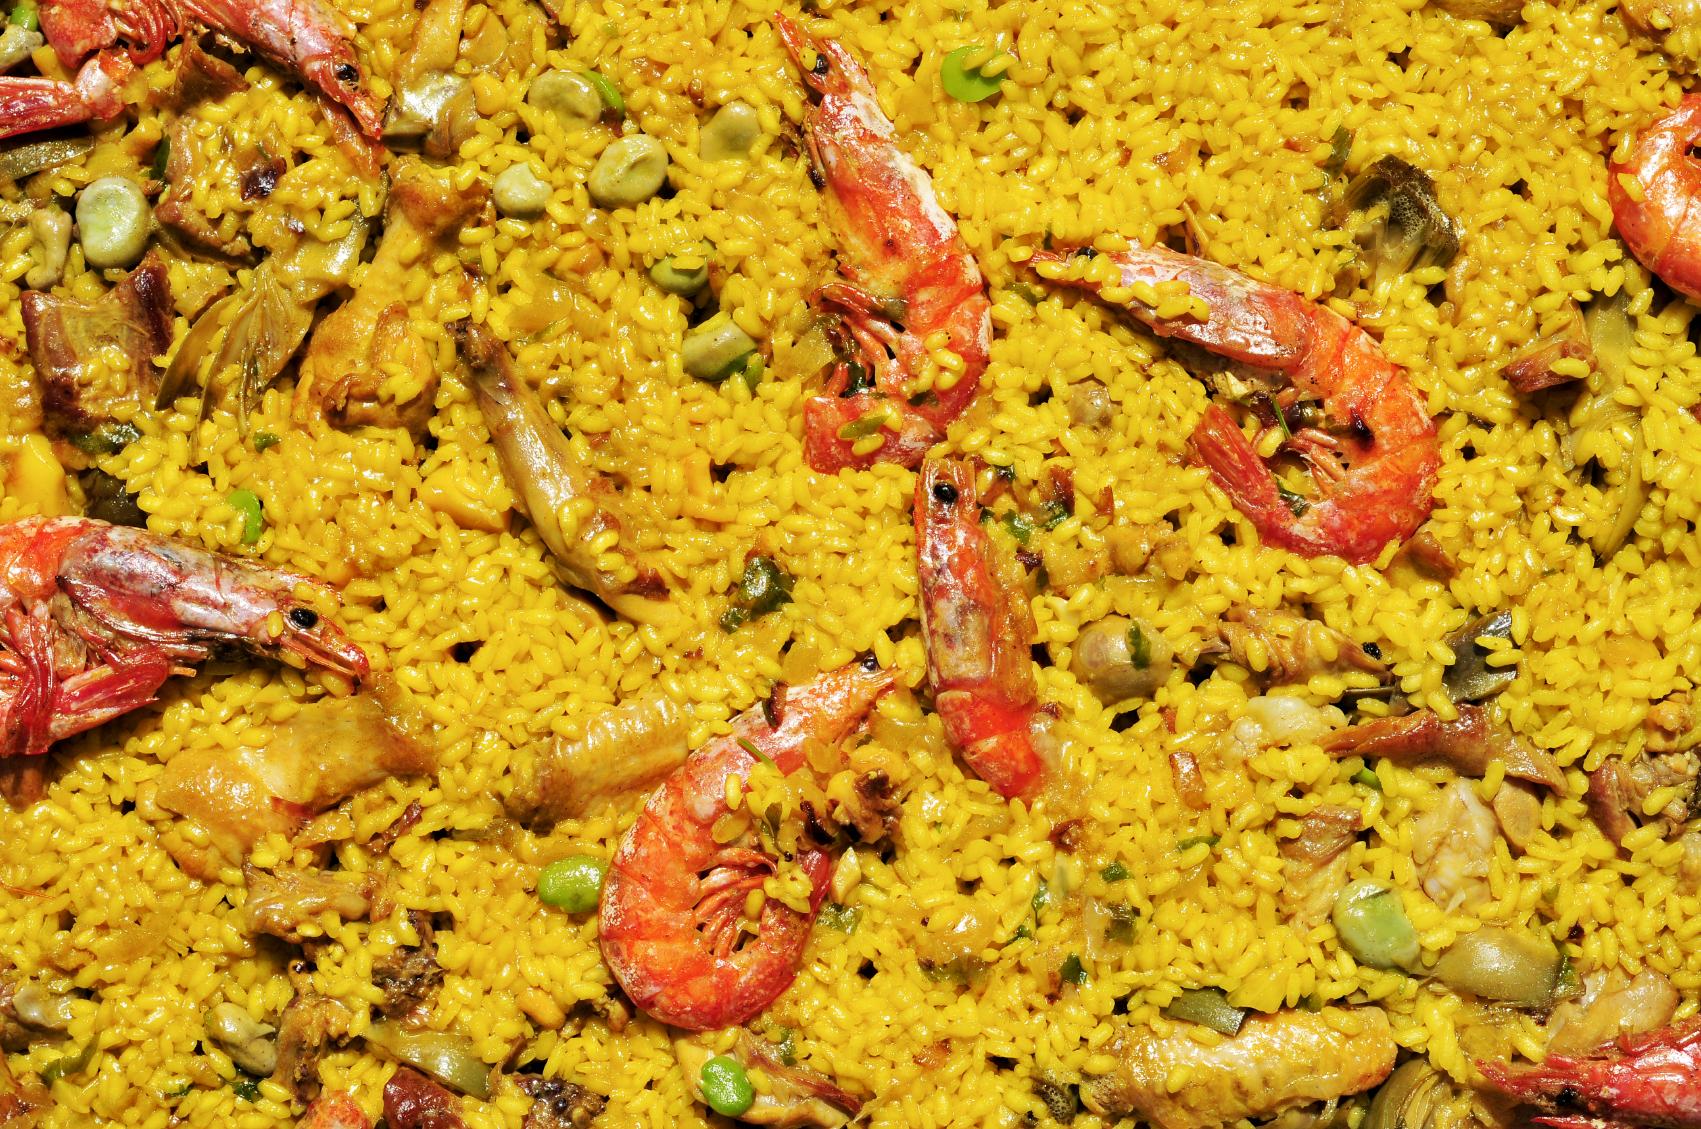 Spanish paella mix